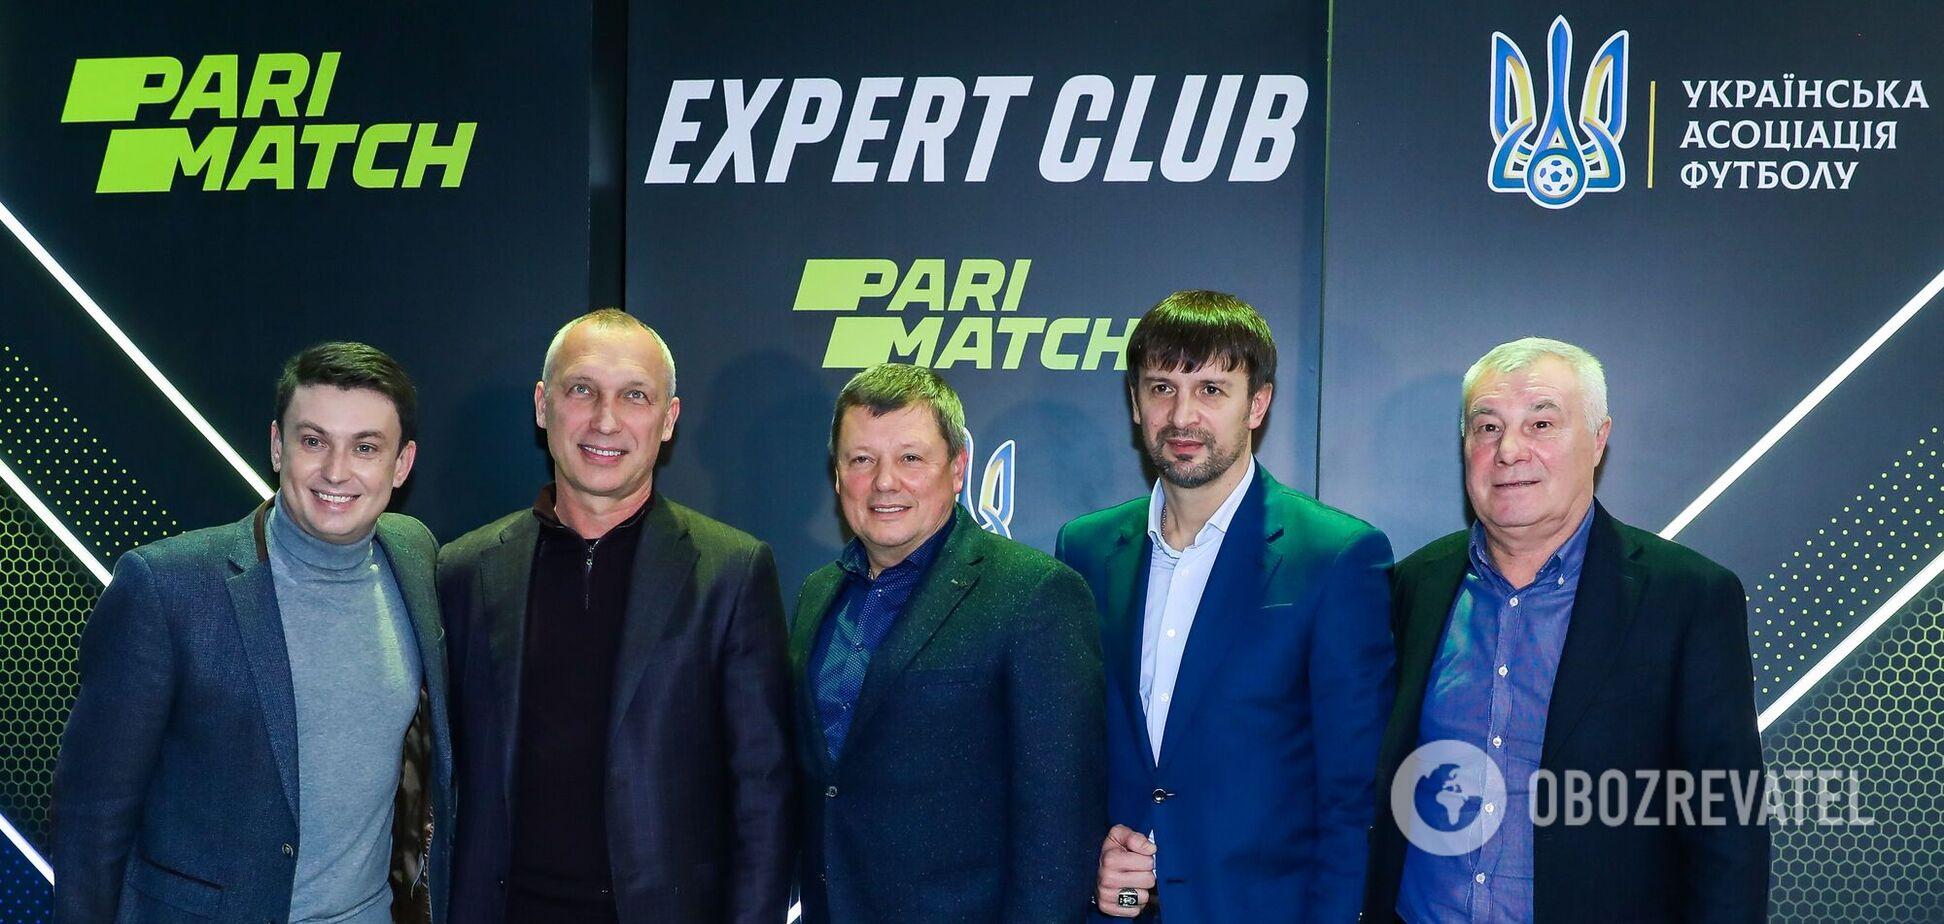 'Рік ментально важкий': як експерти та футболісти оцінили виступ України у Лізі націй